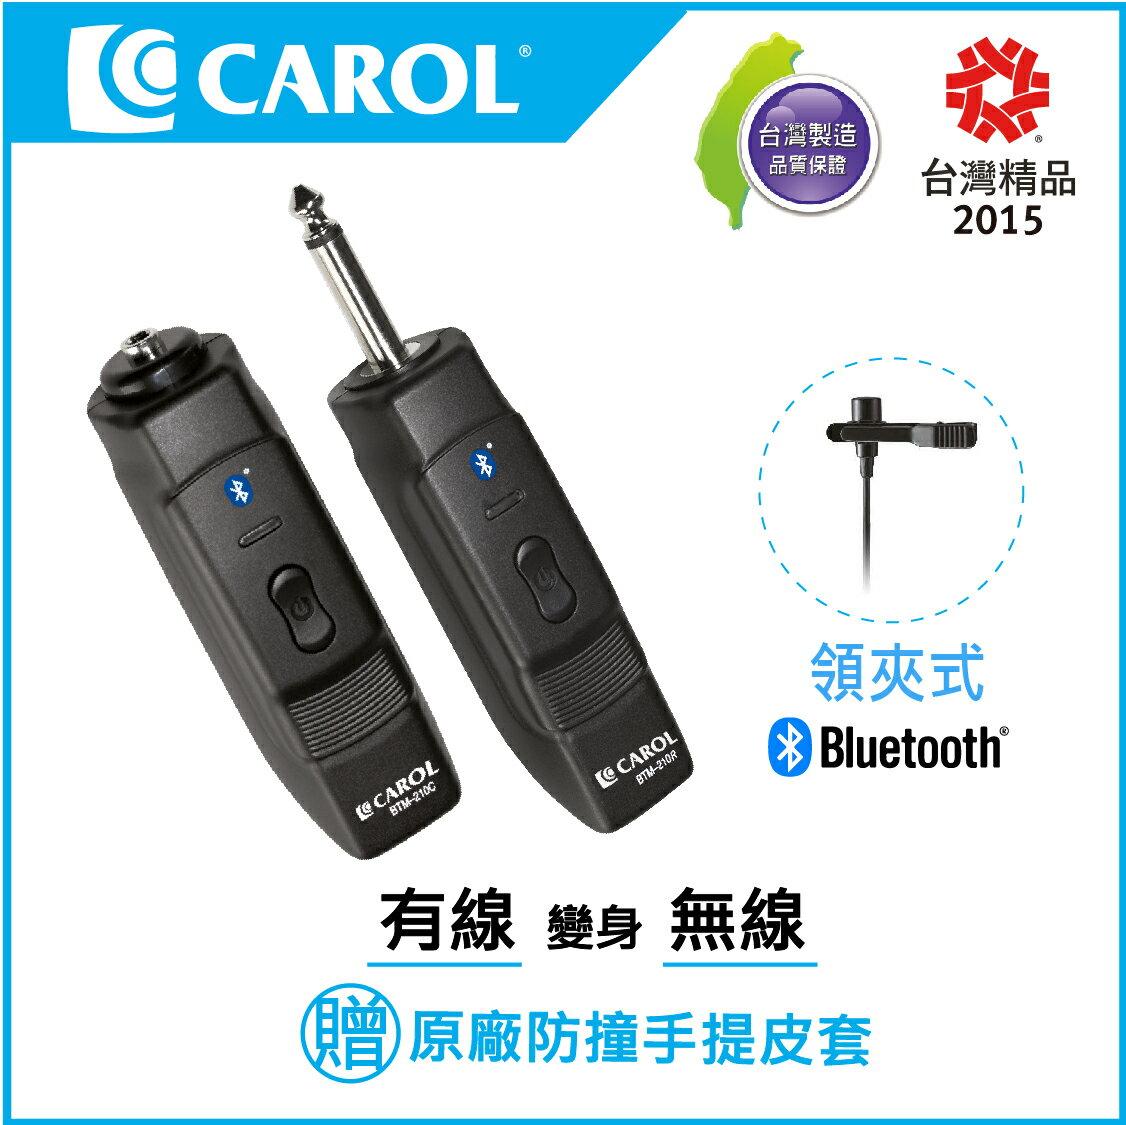 【CAROL】藍牙無線領夾式電容麥克風 BTM-210C (贈送原廠防撞手提皮套) – 免運